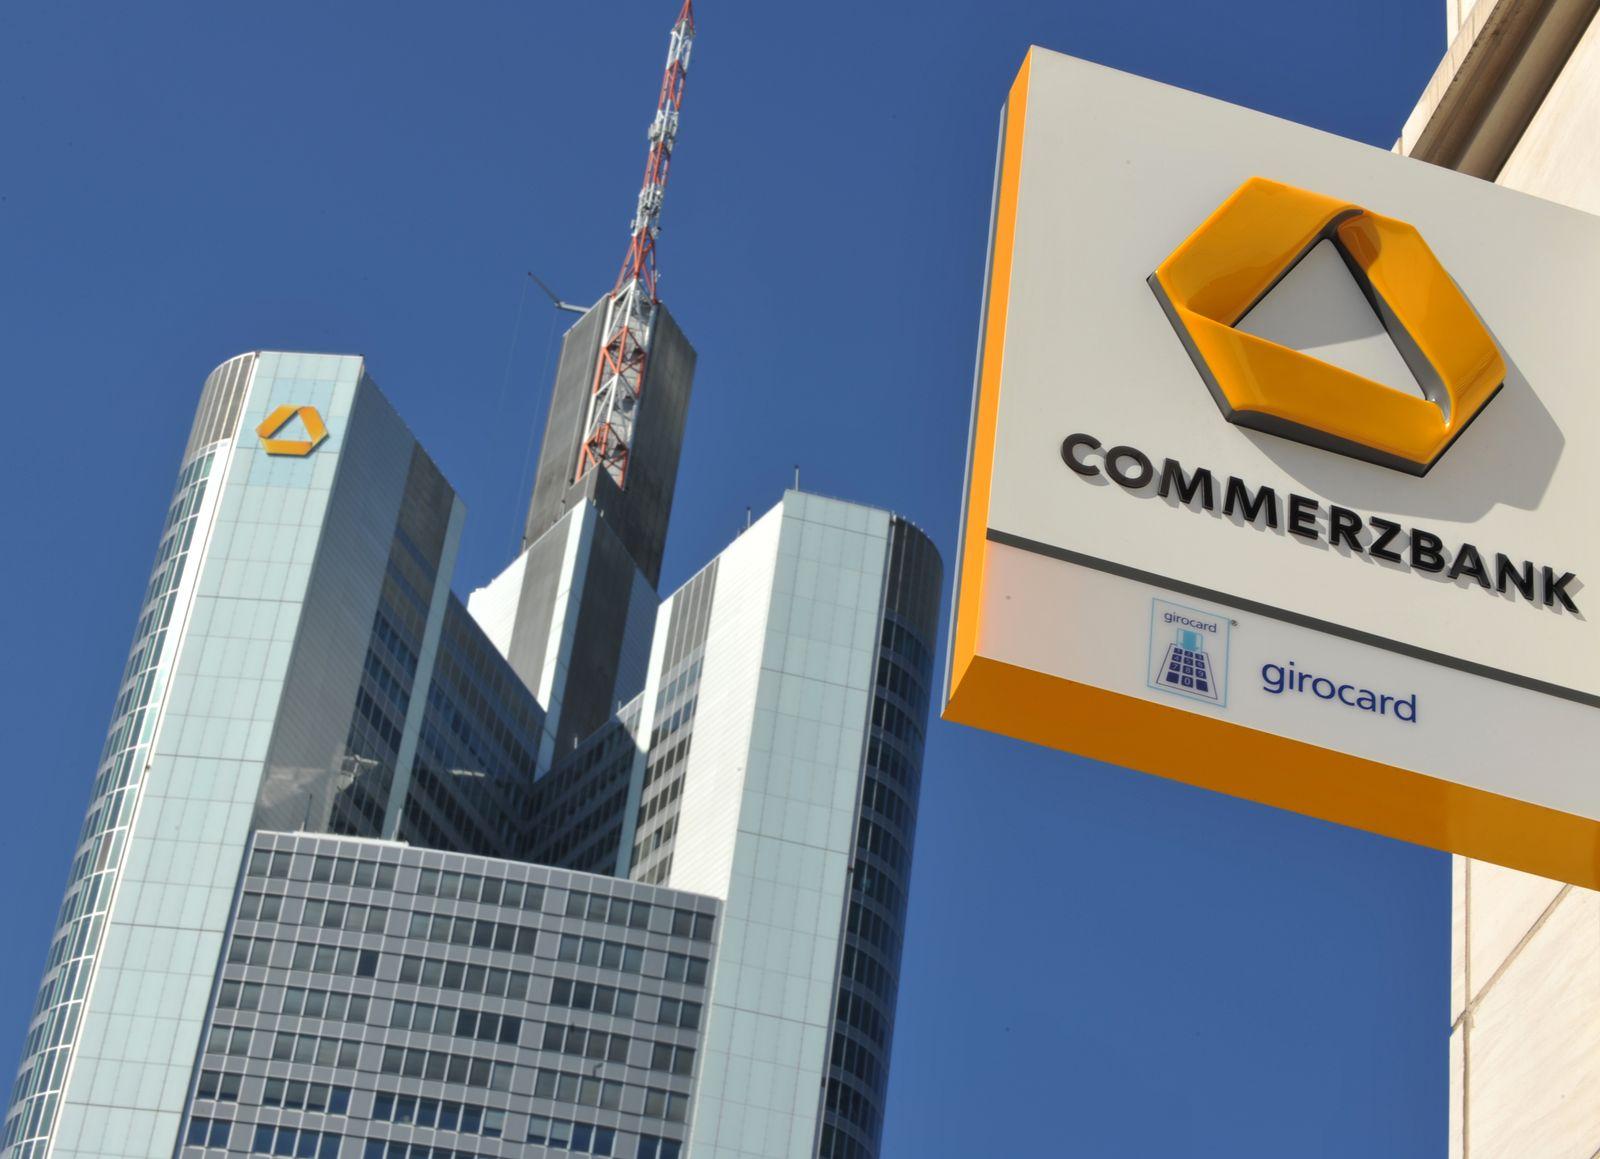 Commerzbank / Zentrale Frankfurt